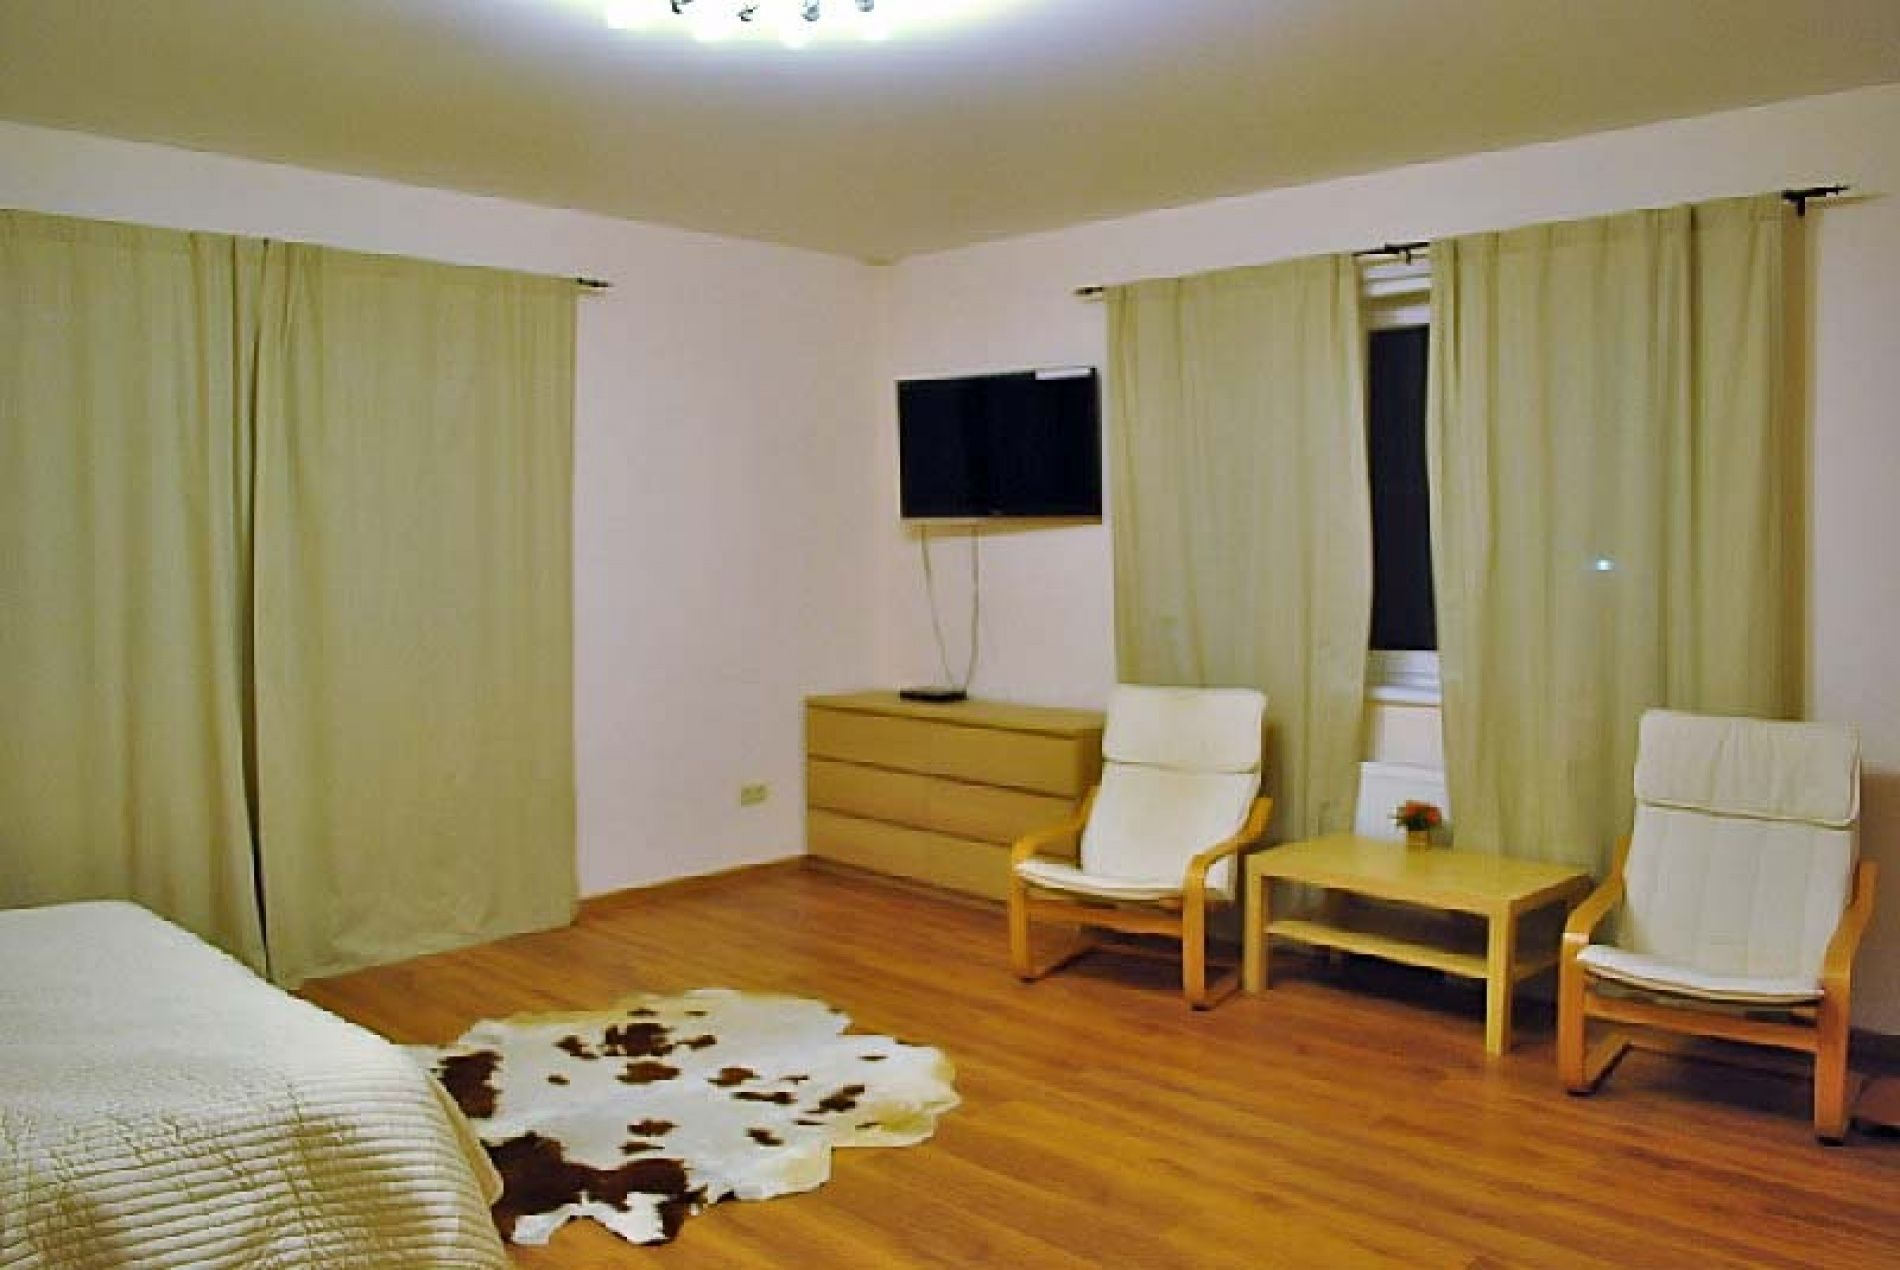 База отдыха «Каралат» Астраханская область «Двухместный номер на 2 этаже», фото 3